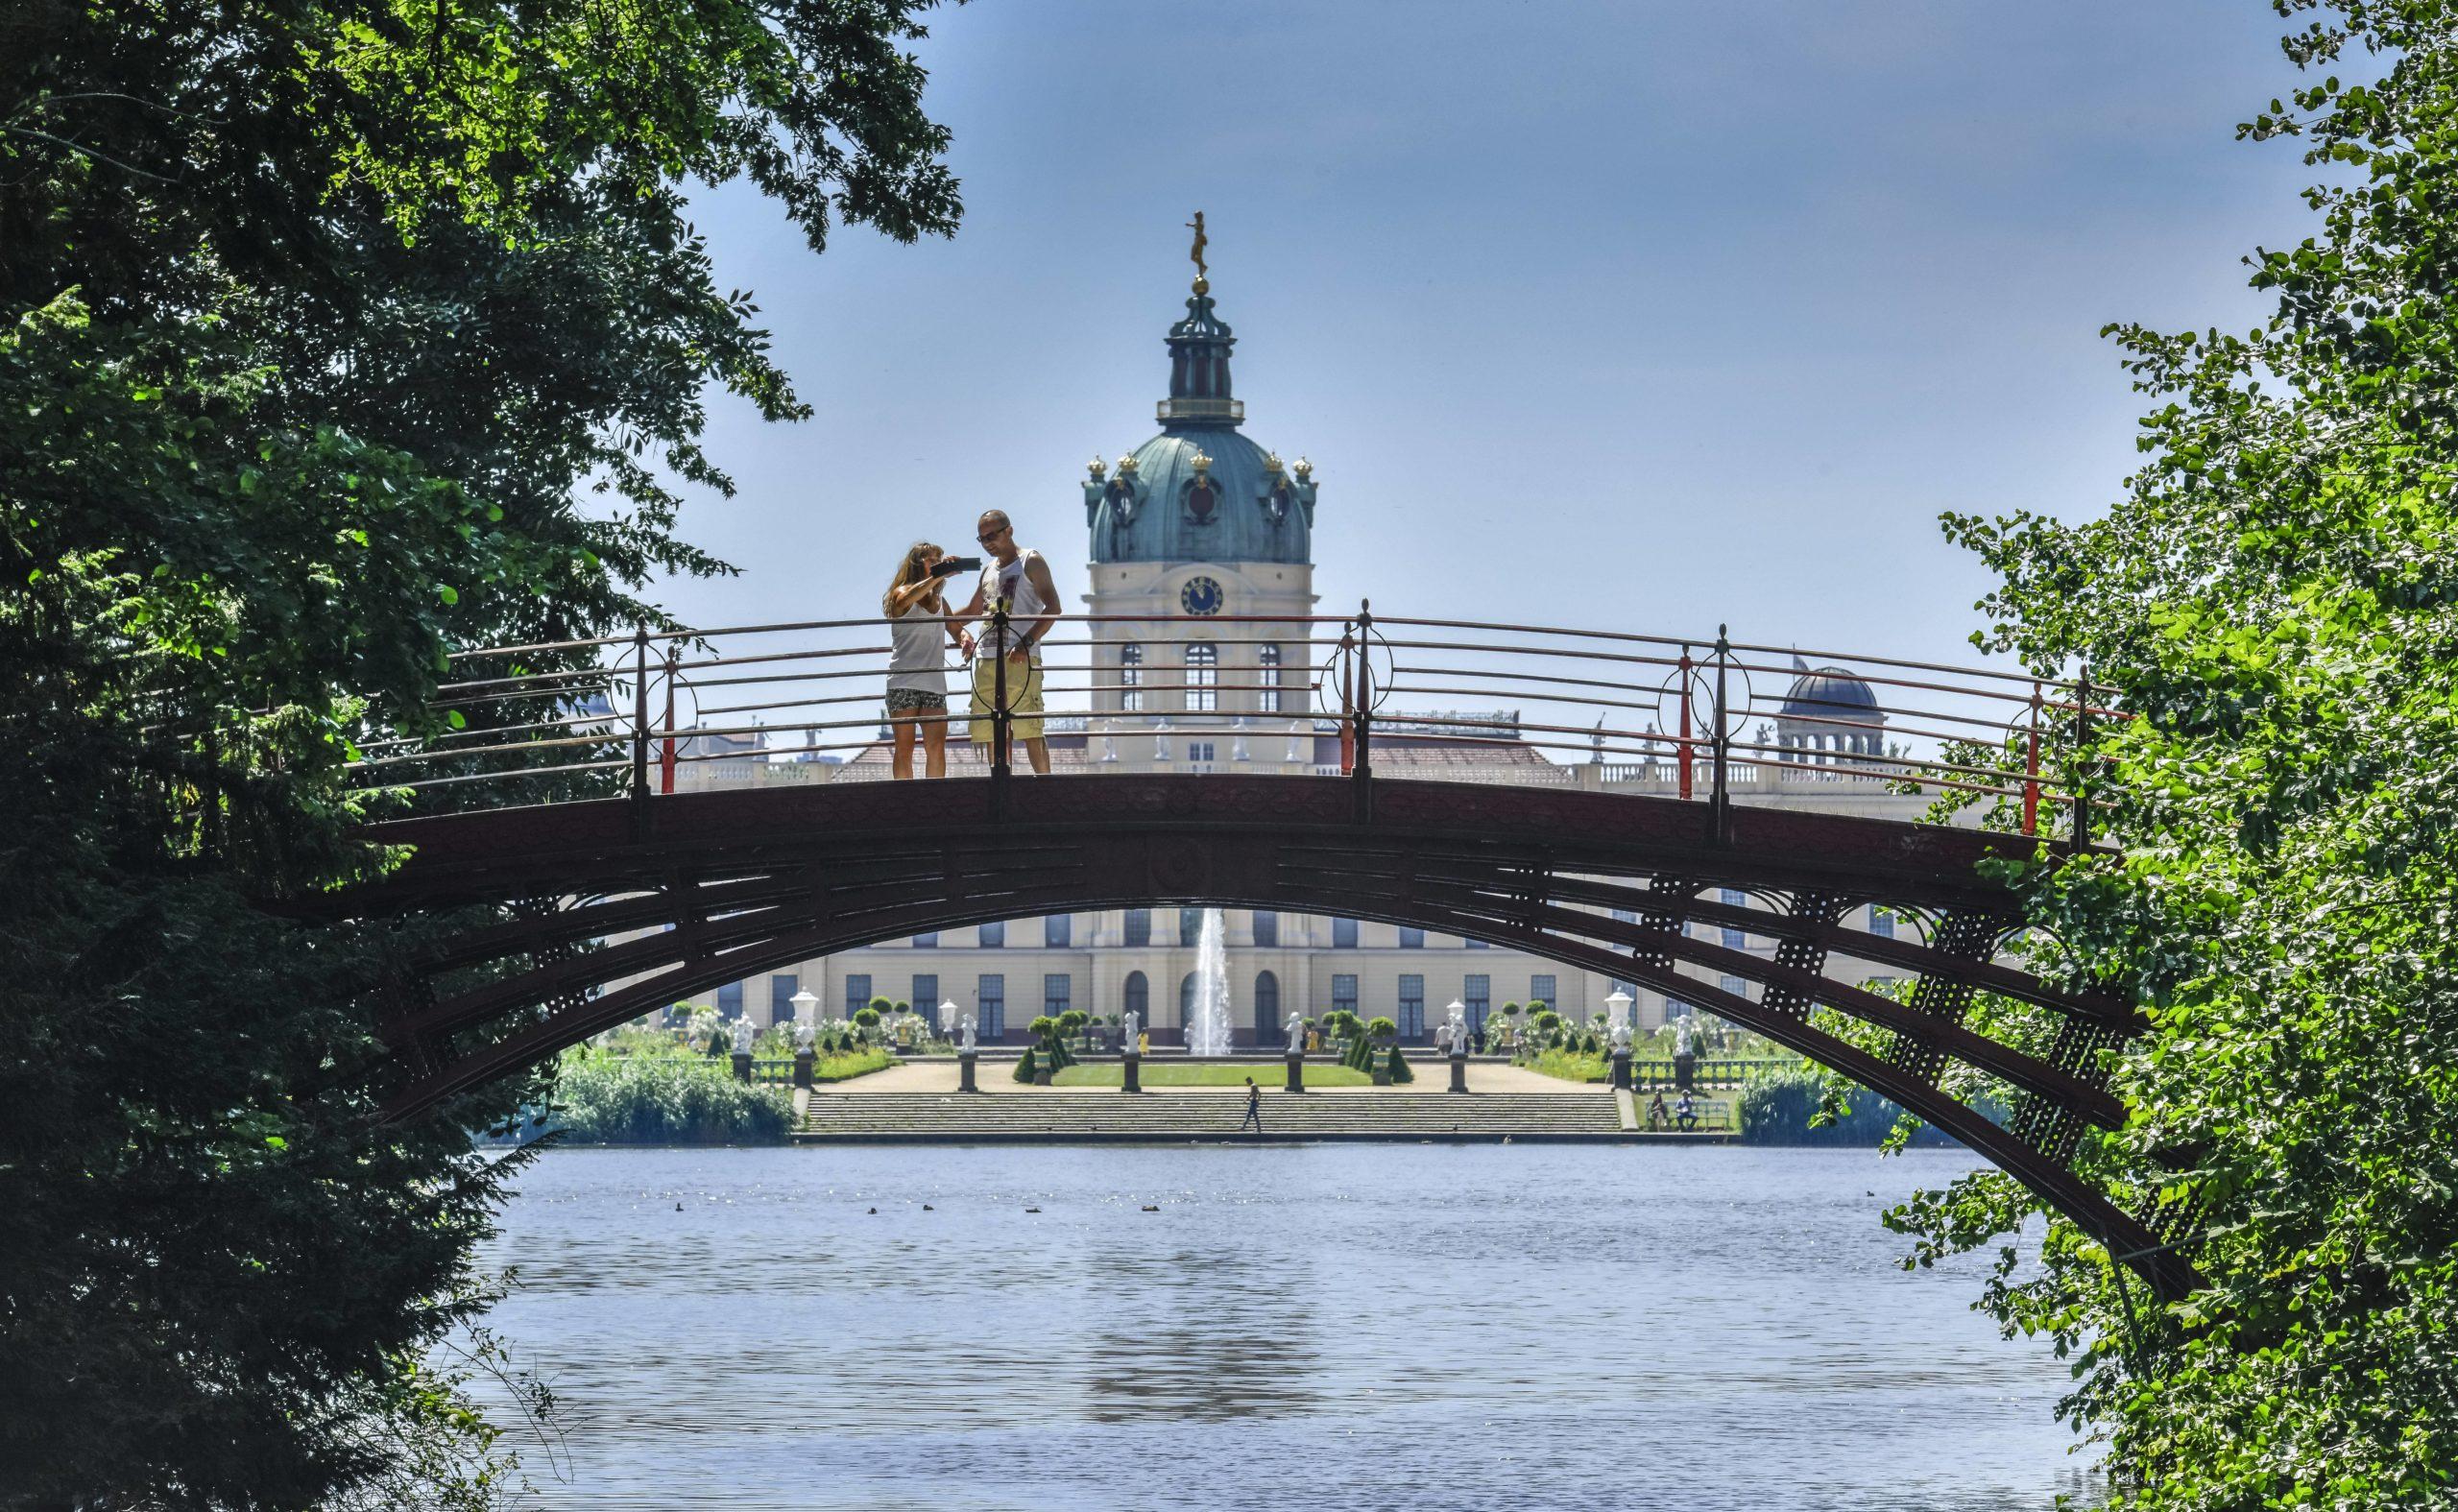 Märchen Berlin Im Schlosspark des prächtigen Schlosses Charlottenburg wird die Liebesgeschichte zwischen Sophie Charlotte,, der ersten Königin von Preußen, und ihrem Gemahl Friedrich spürbar.